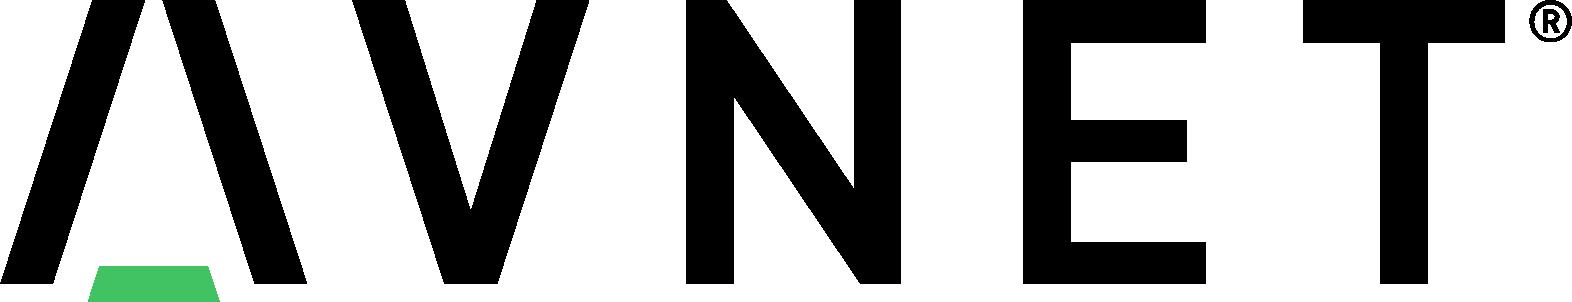 Avnet Logo png